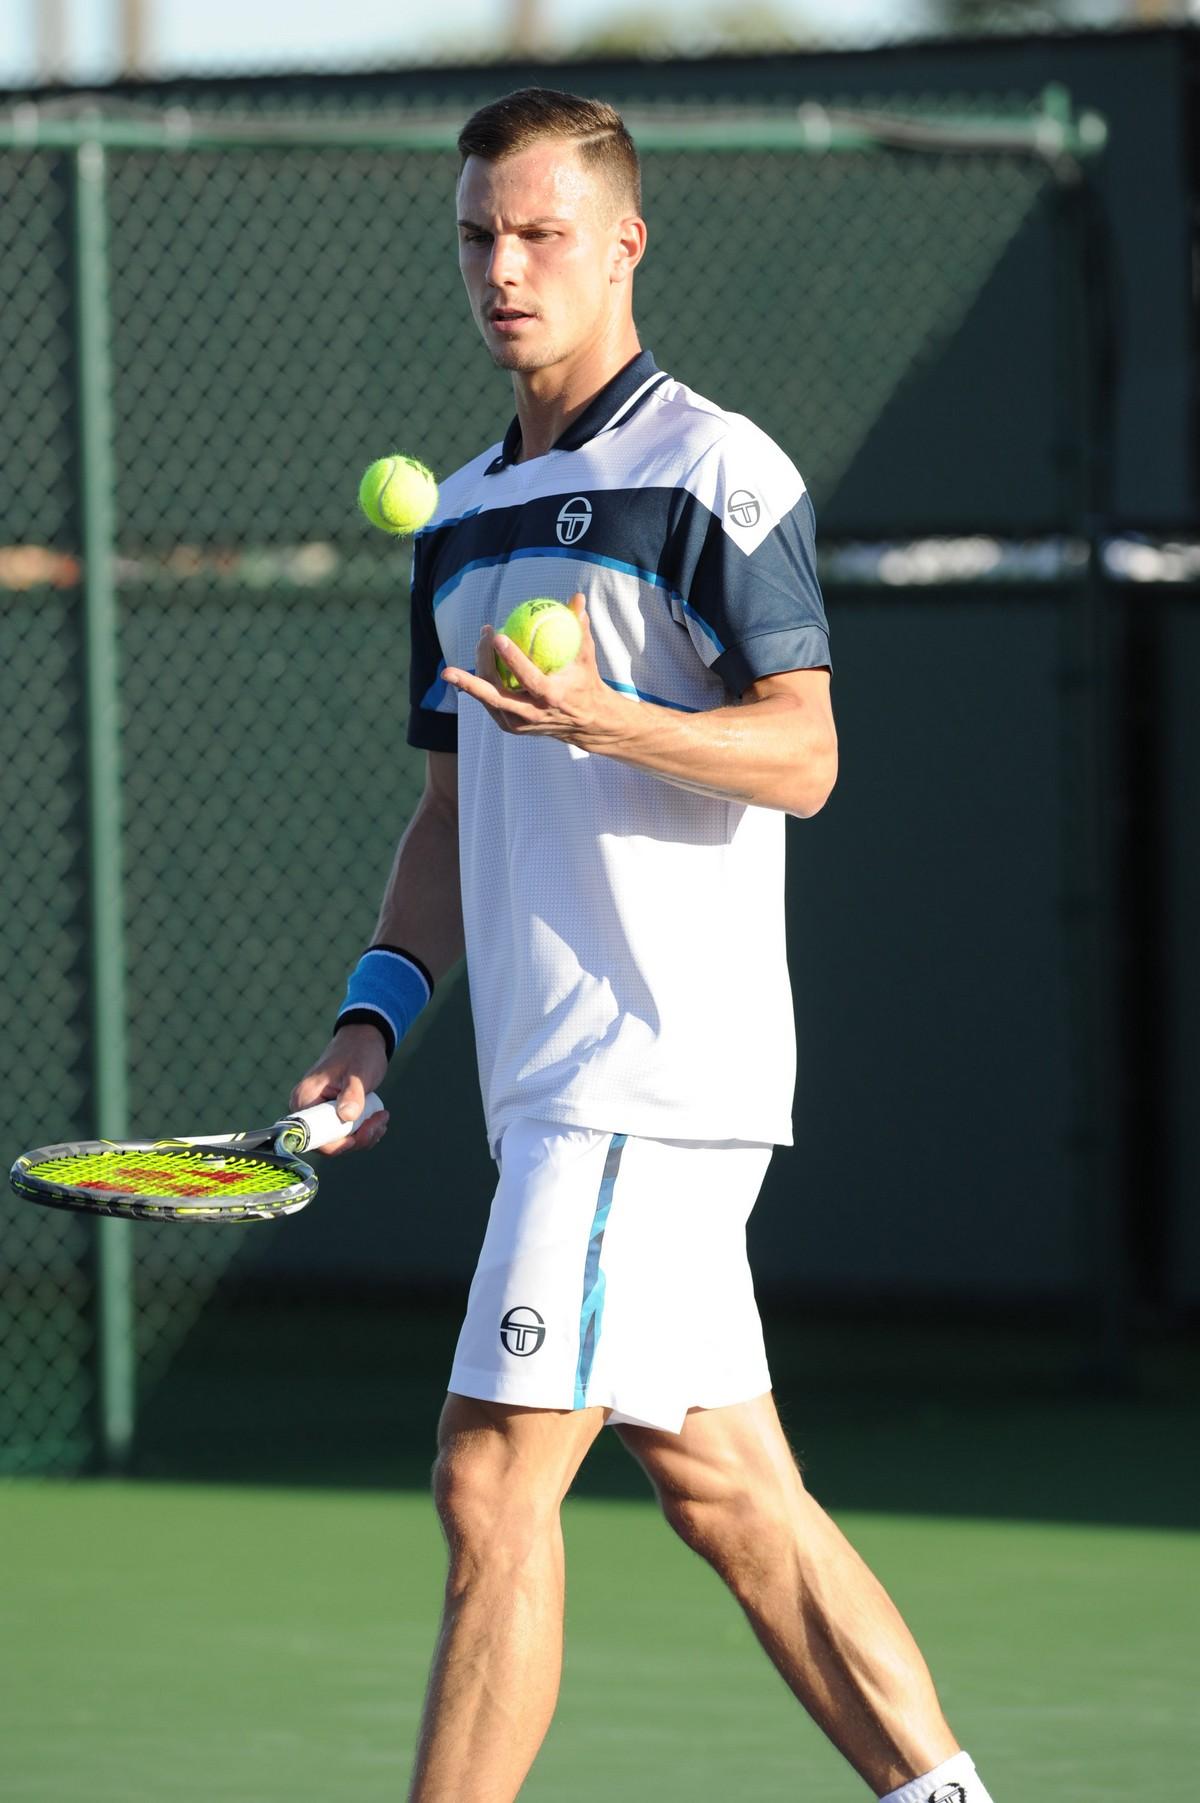 US Open 2018 tennis Sergio Tacchini